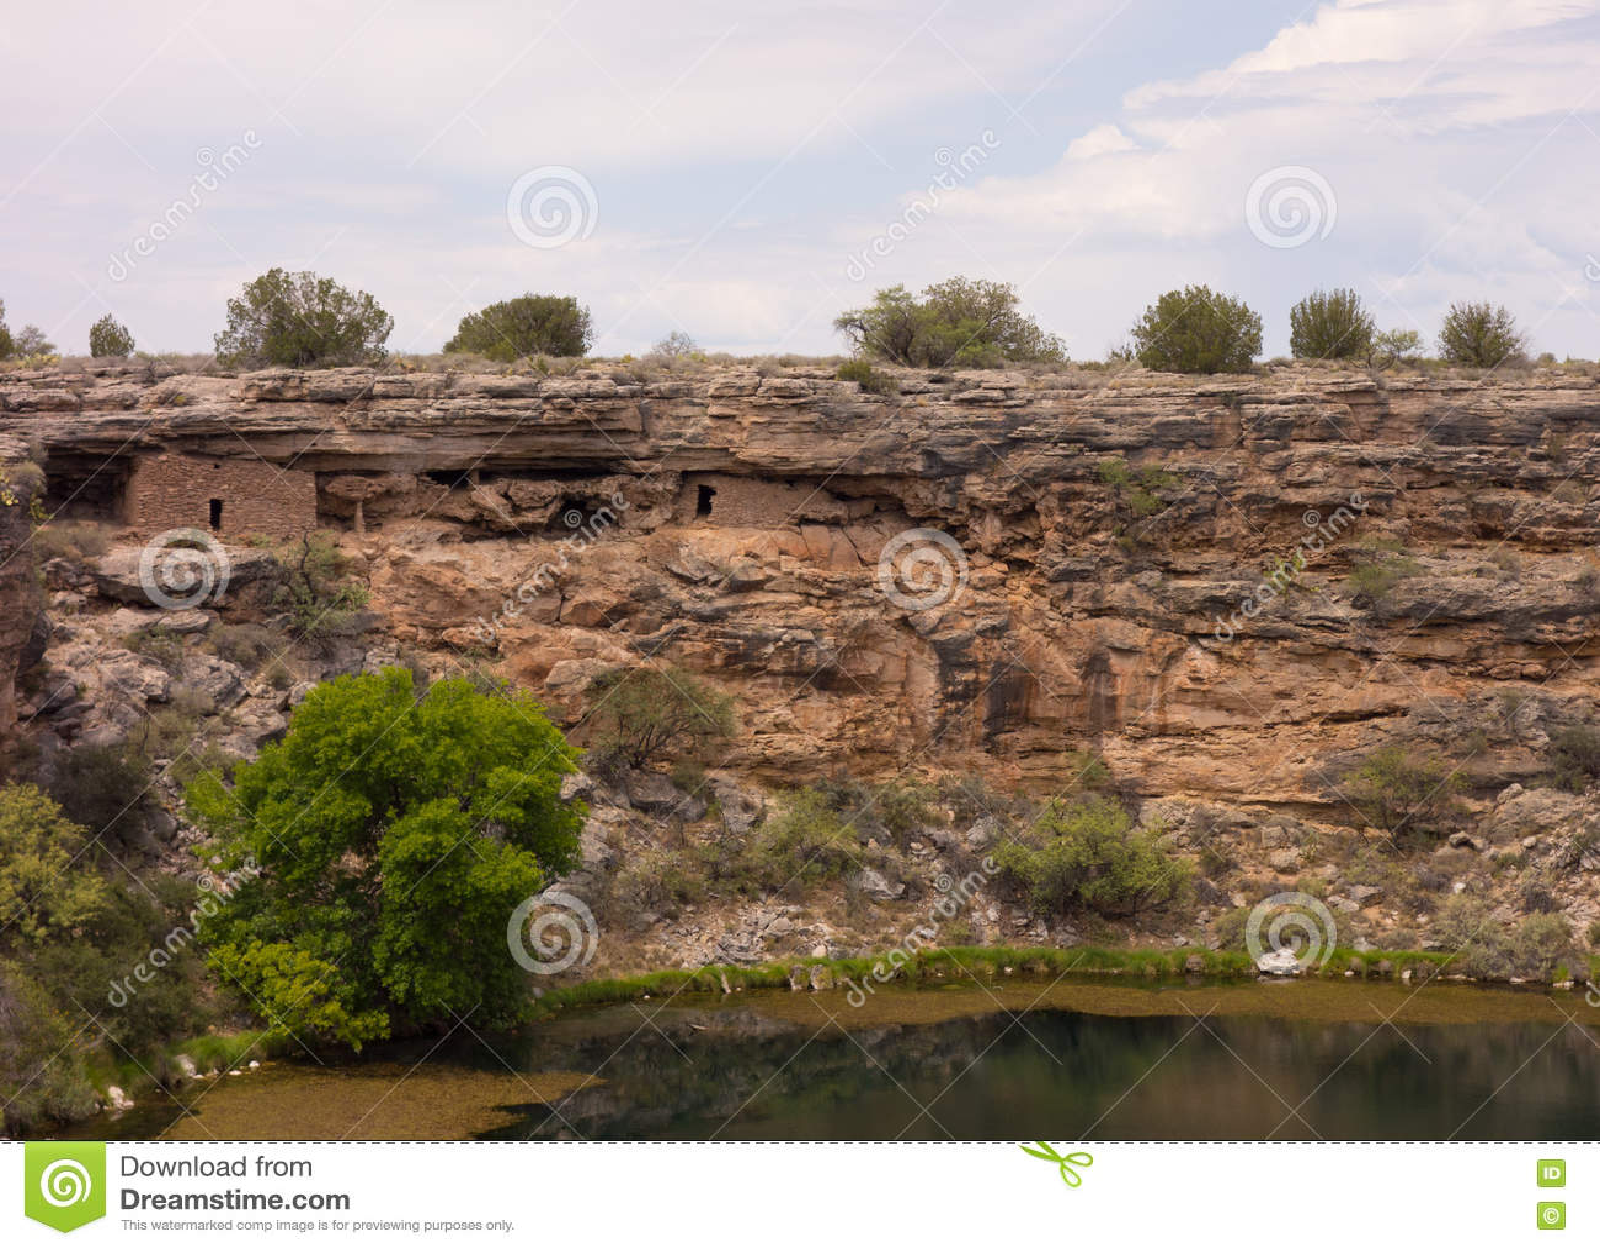 Un agujero de riego antiguo en el desierto